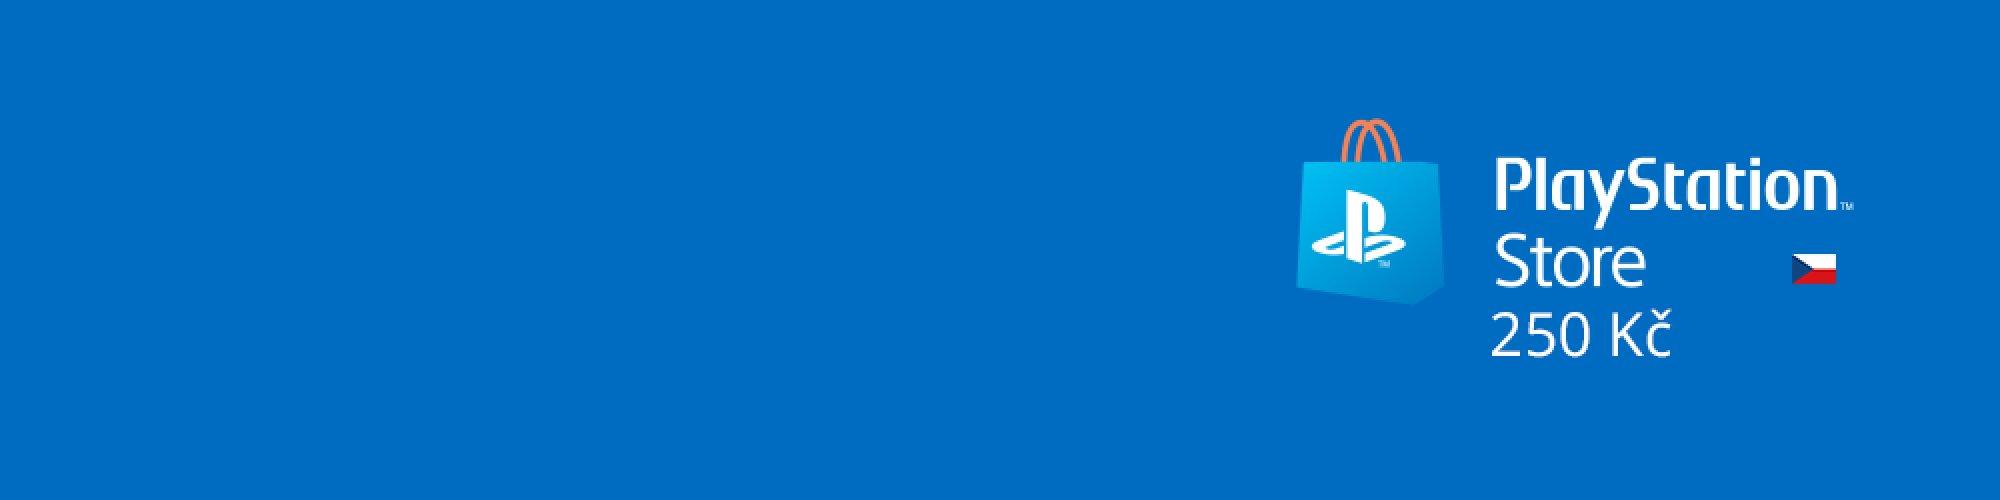 PlayStation Live Cards 250Kč banner